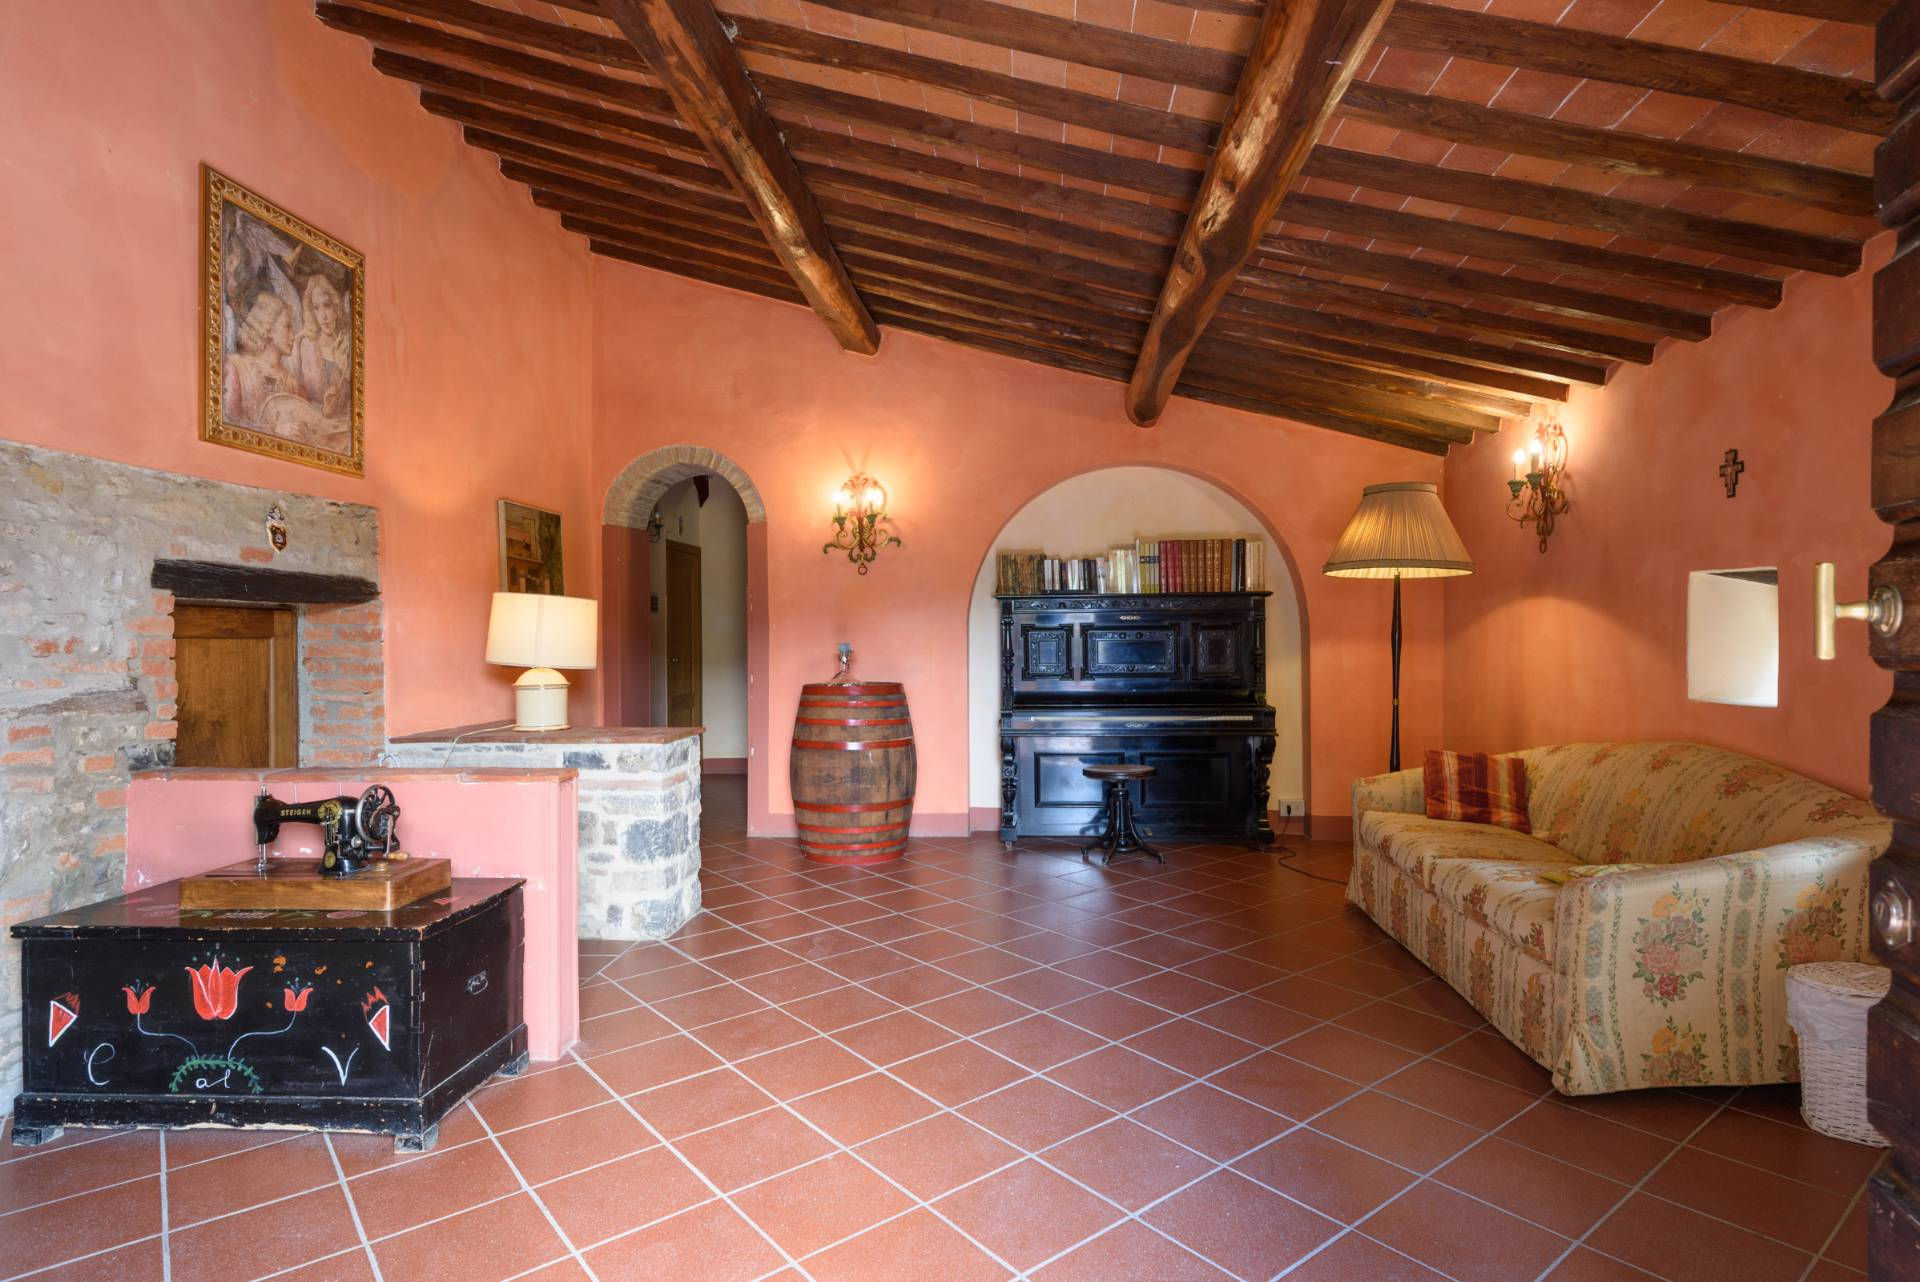 Rustico in Vendita a Gaiole In Chianti: 5 locali, 2170 mq - Foto 29